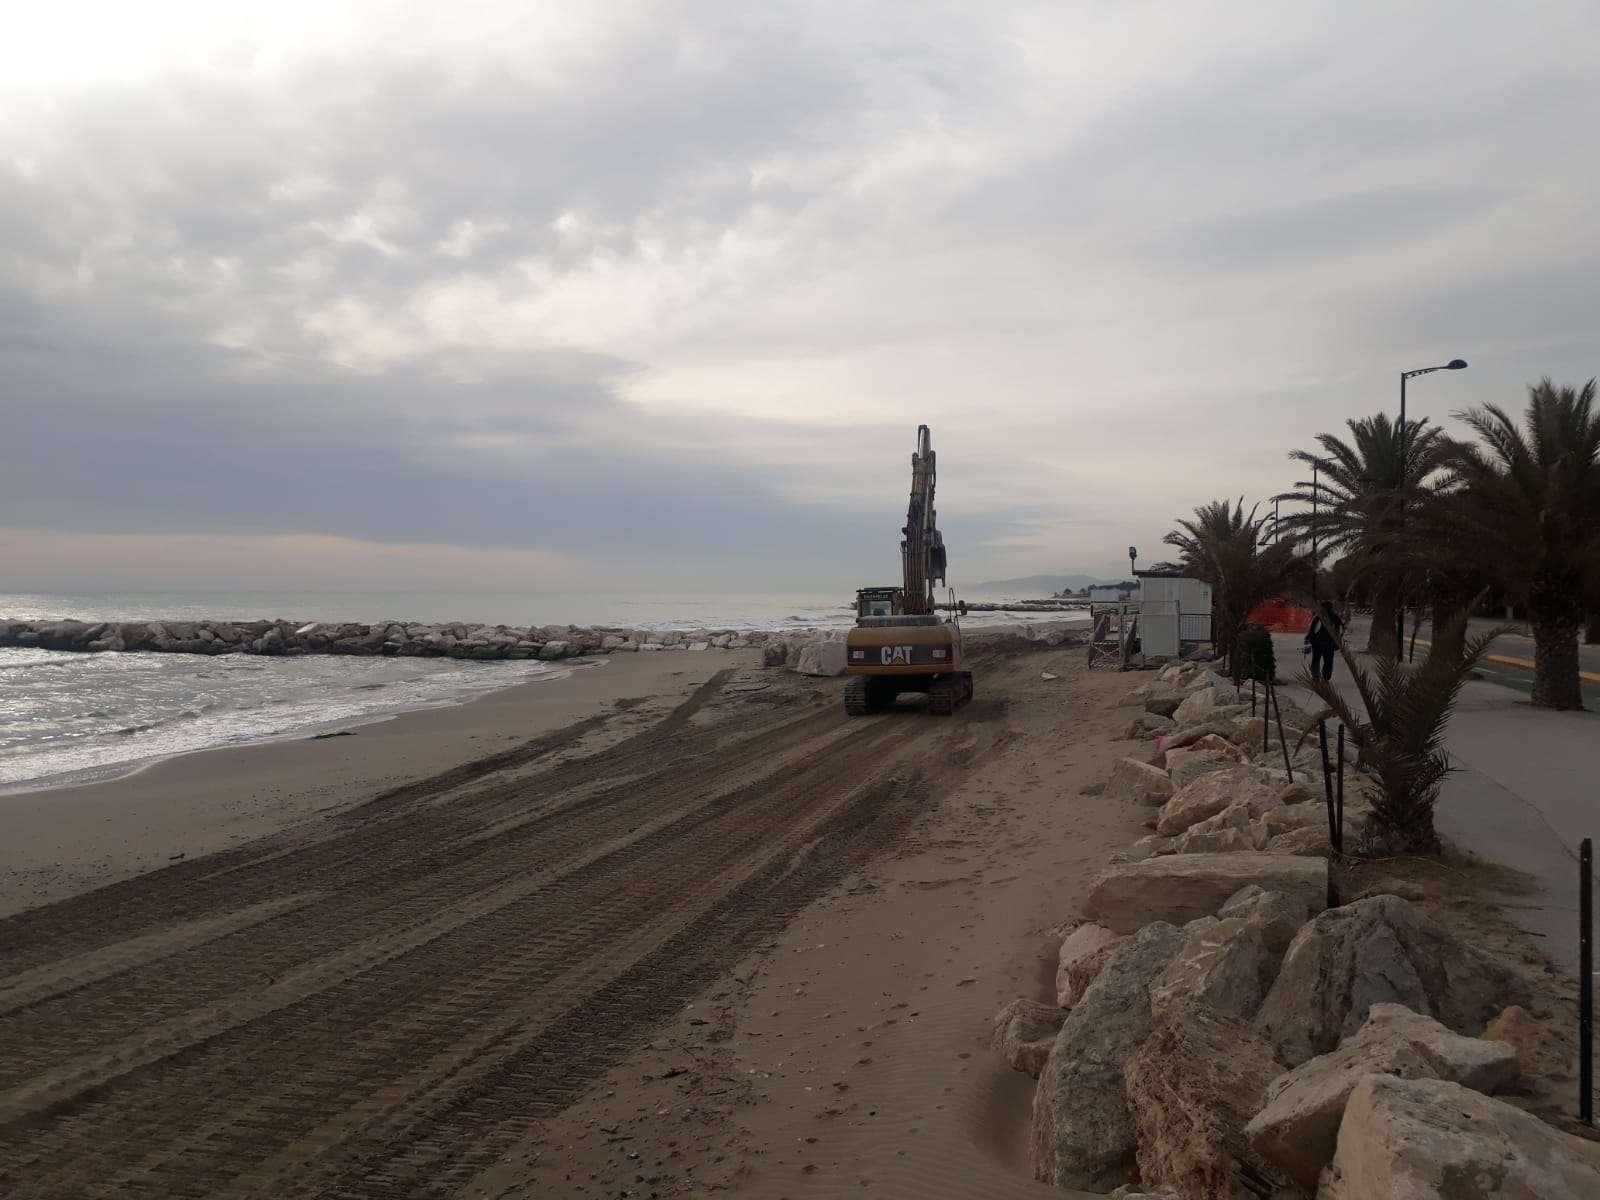 Villa Rosa - erosione costiera - ripascimento spiagge e rifioritura scogliere